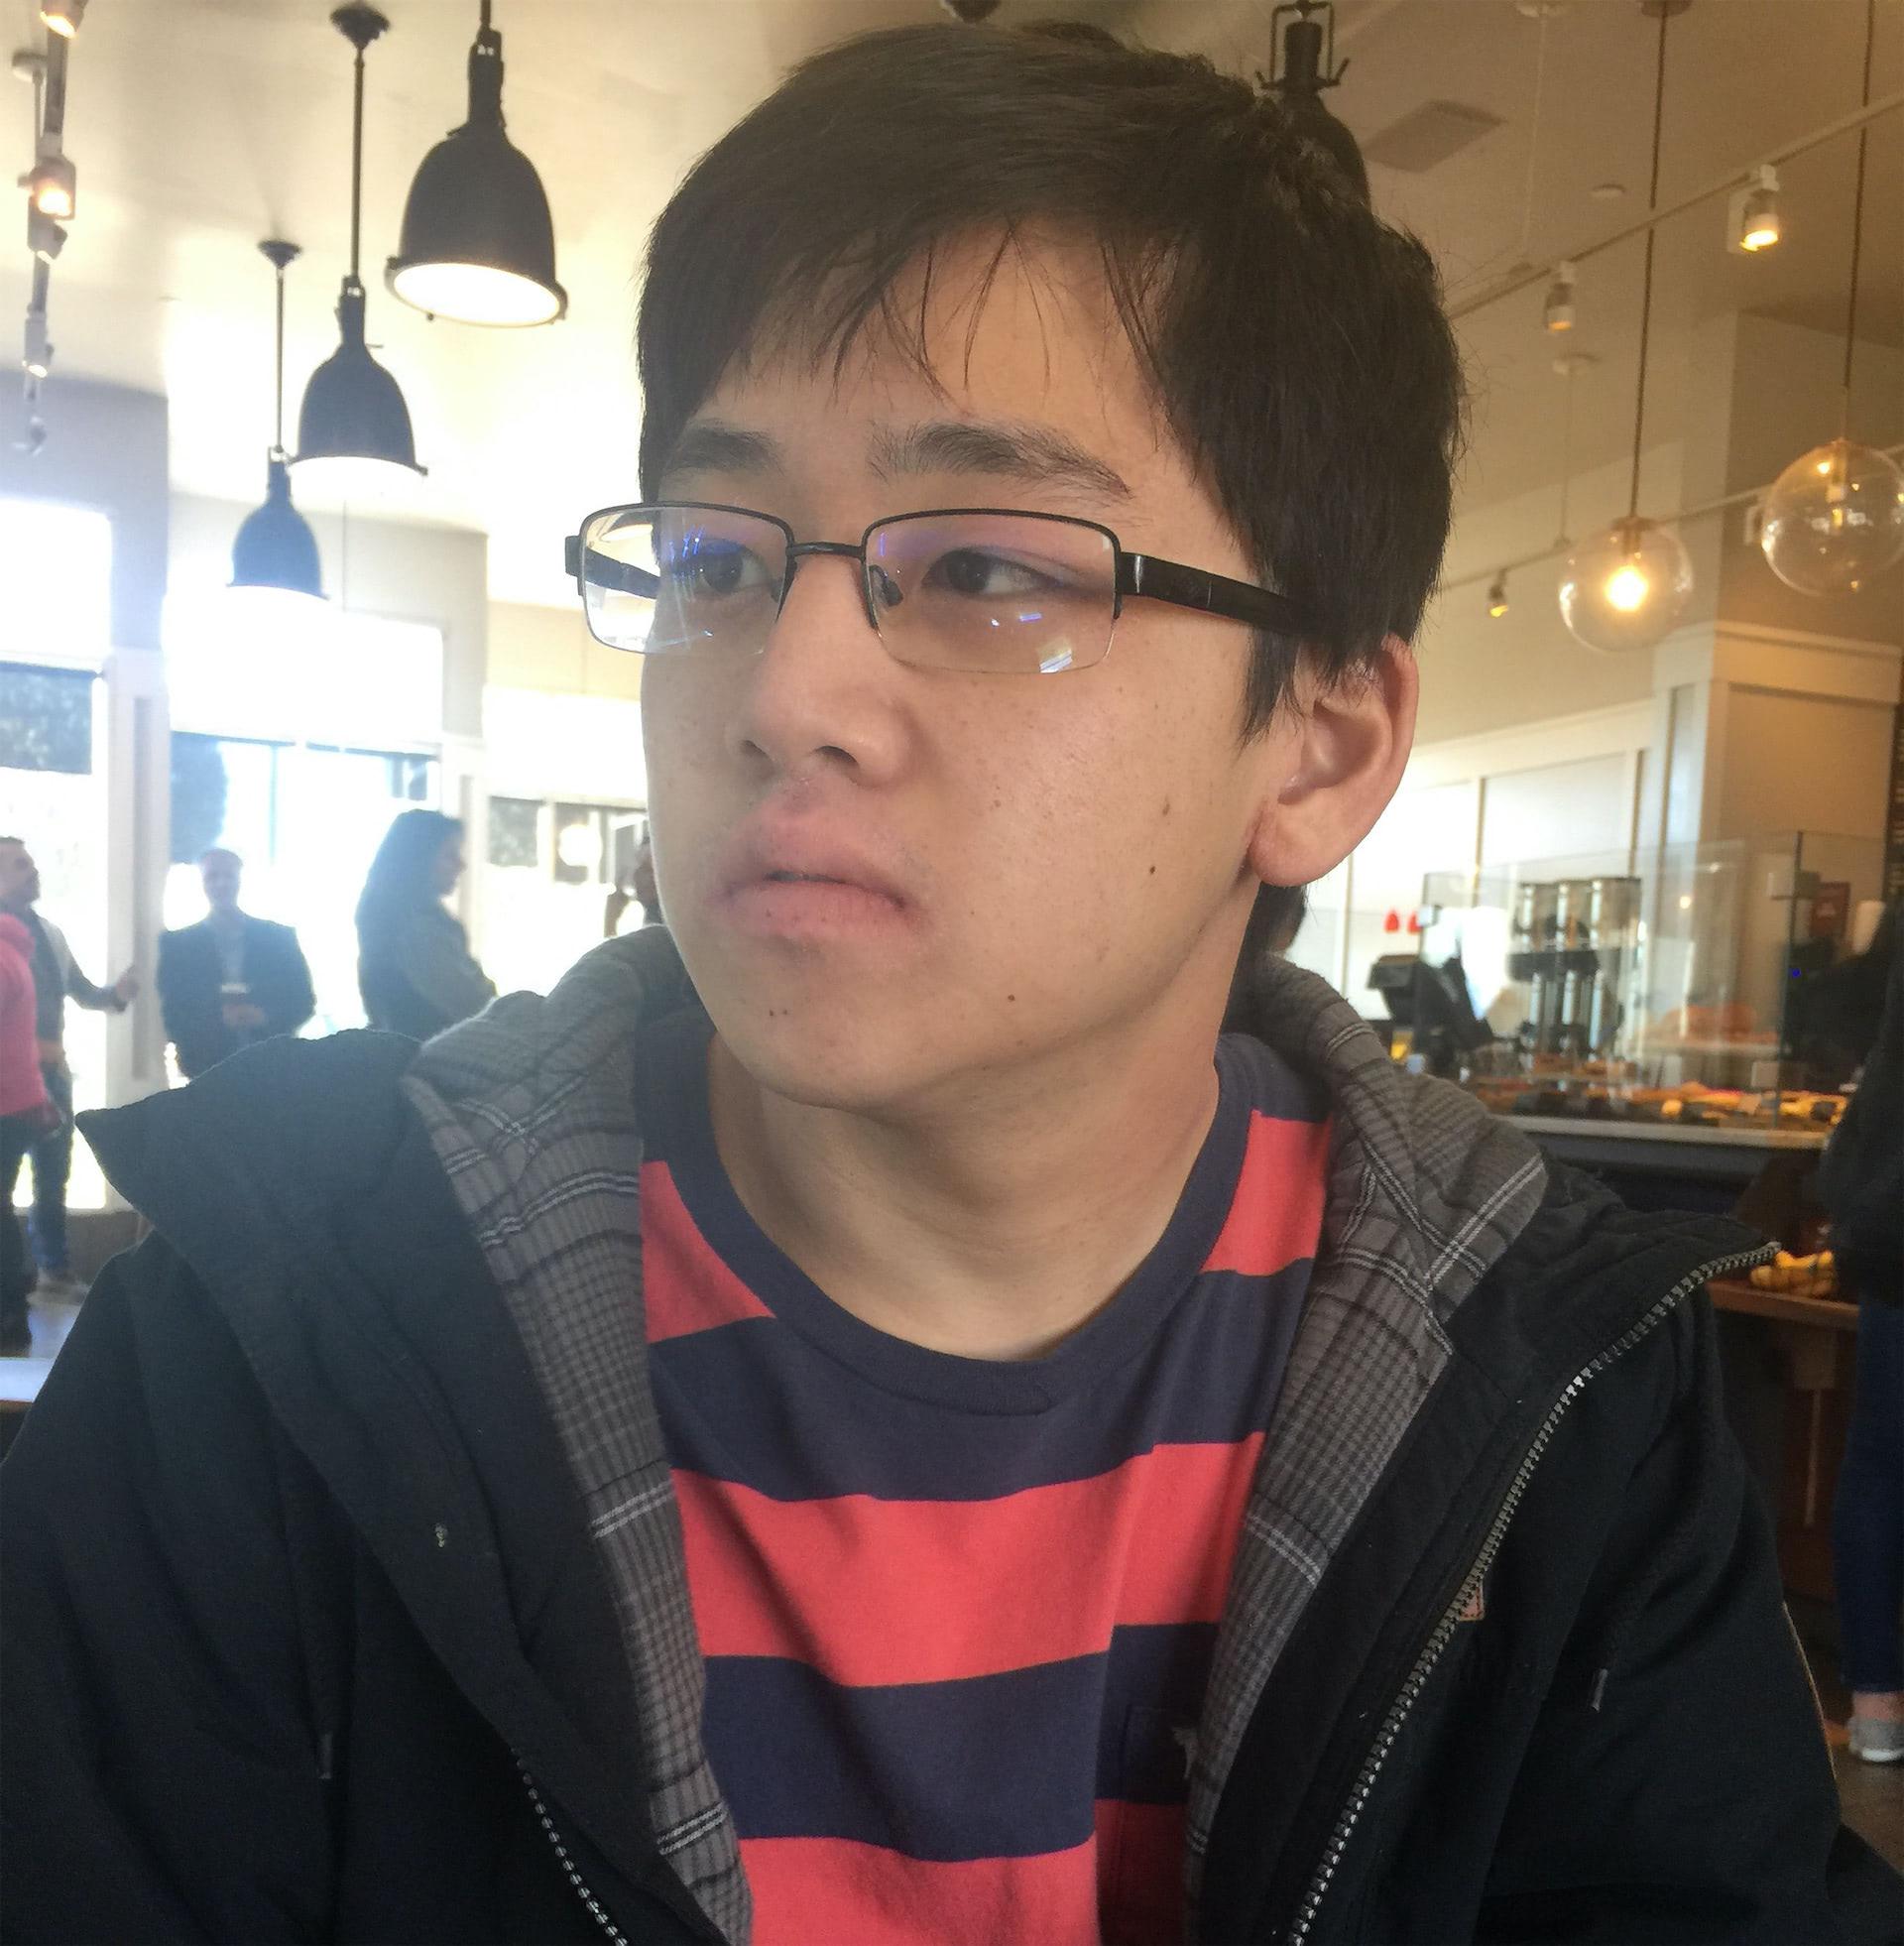 Kevin Ahn Assauged